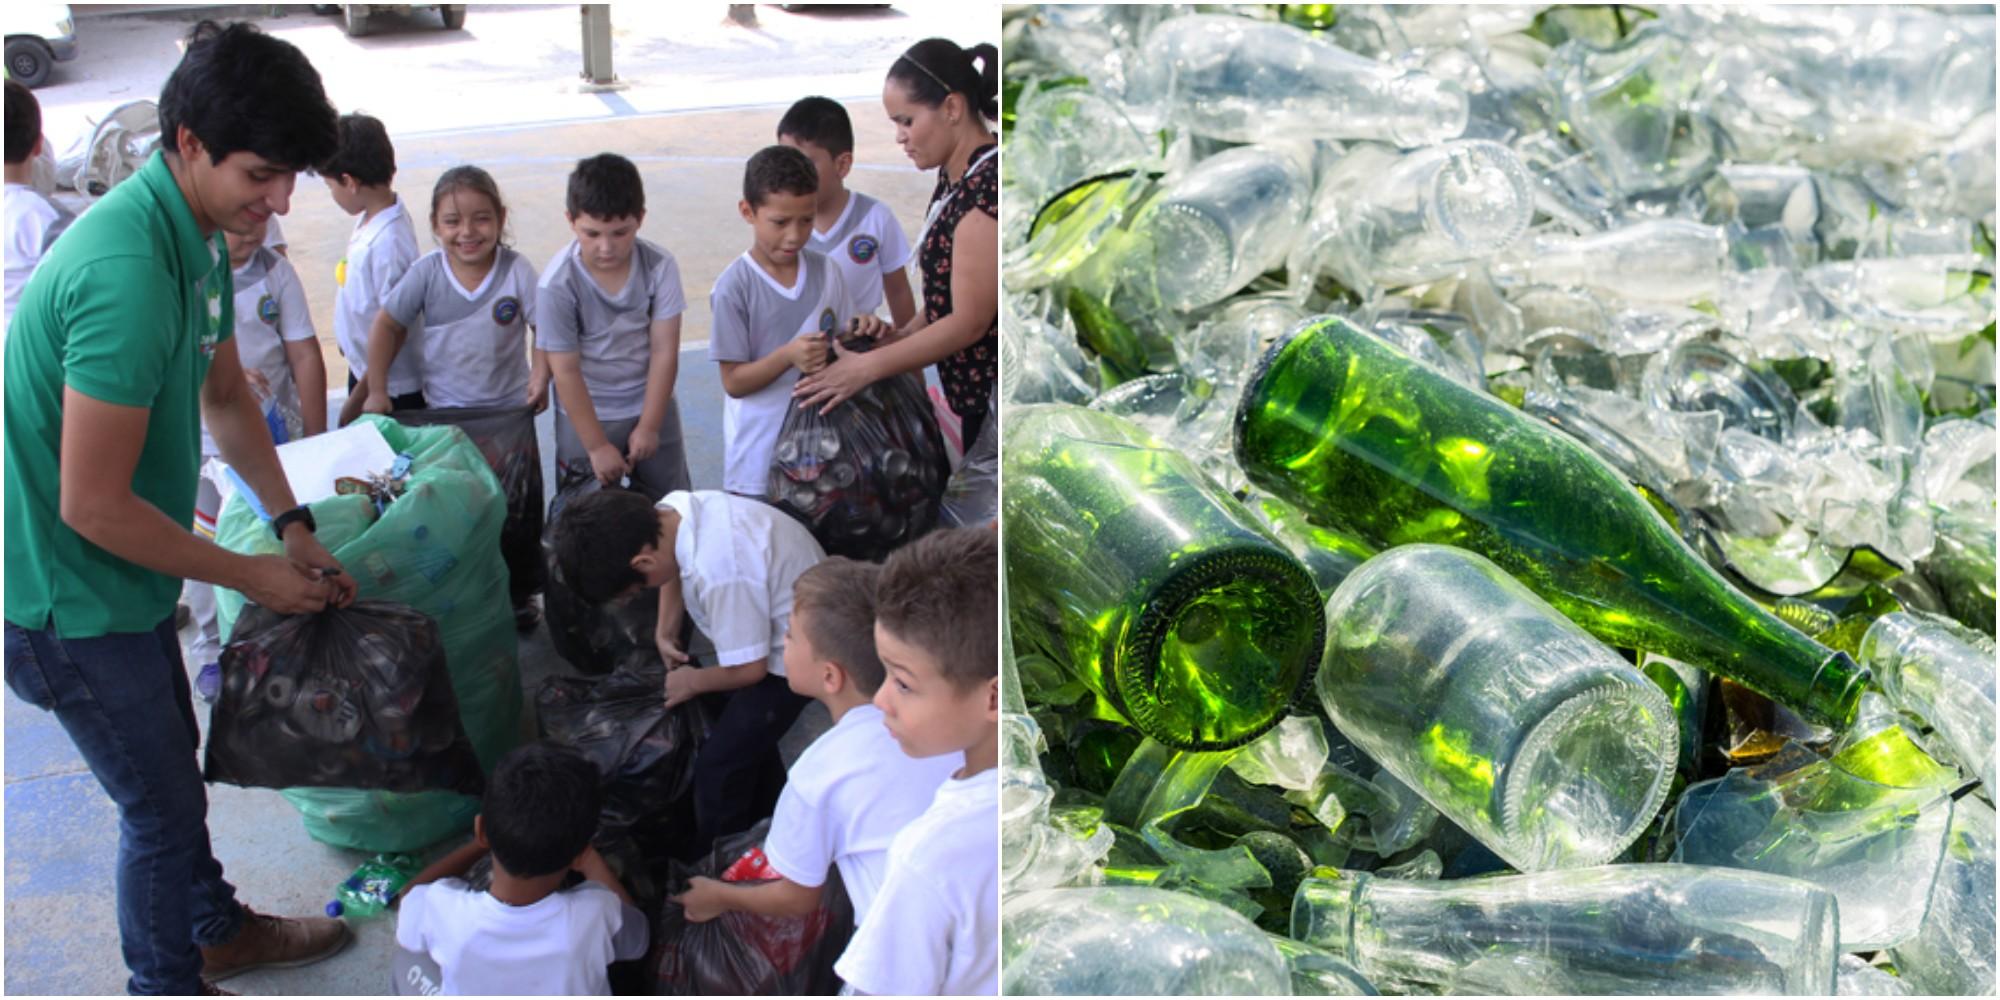 Hoy inicia la campaña de reciclaje de vidrio en San Pedro Sula